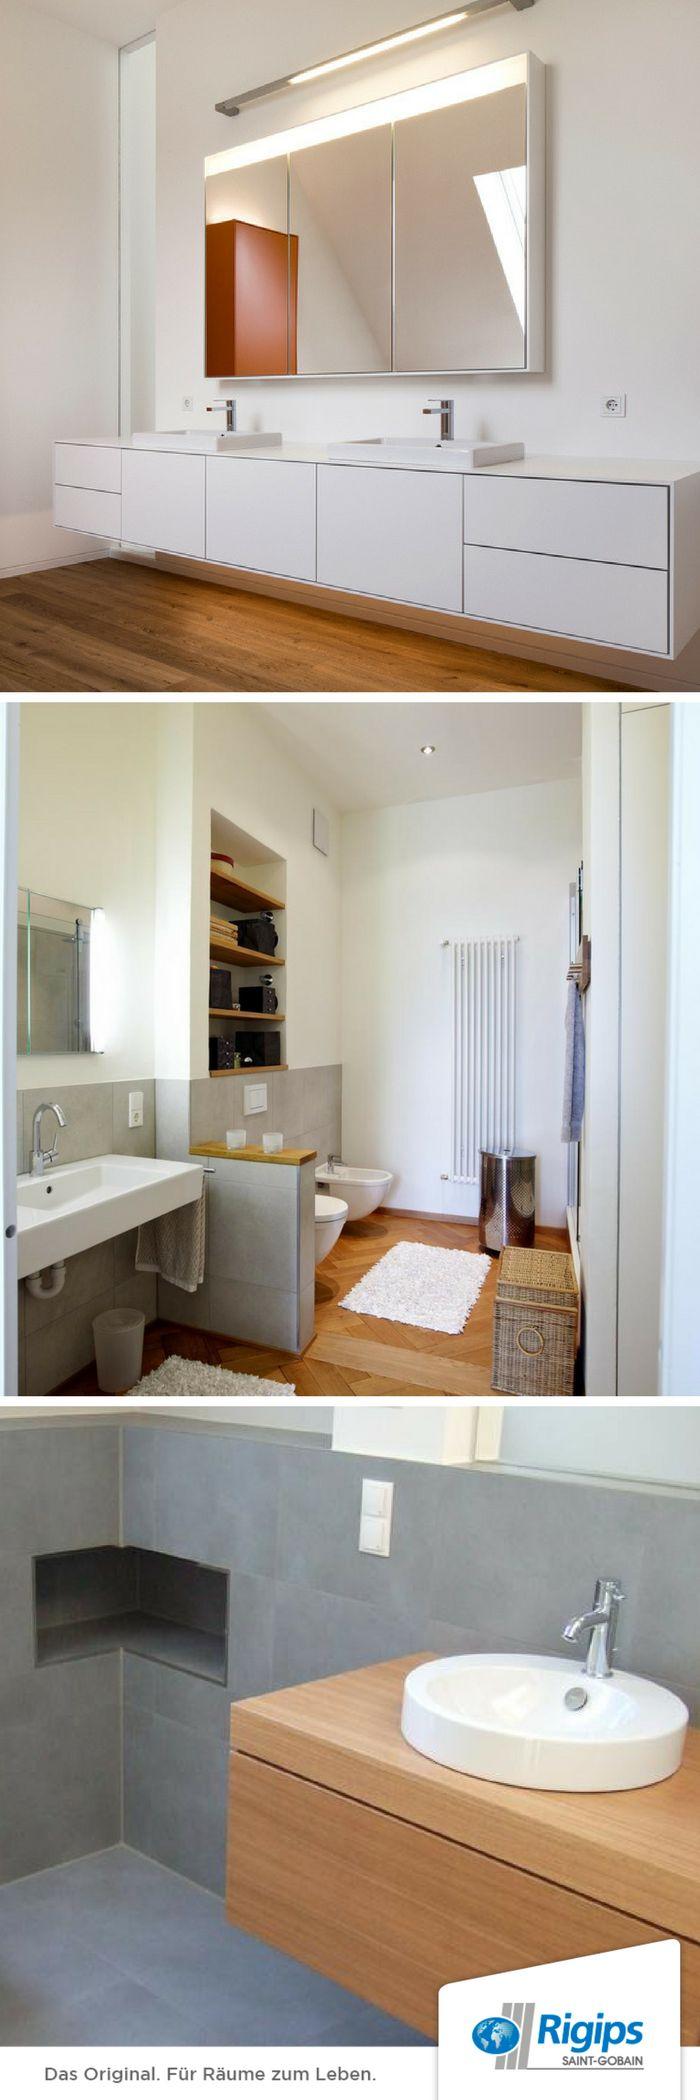 73 best Für Gentlemen images on Pinterest | Bathrooms, Bathtubs and ...